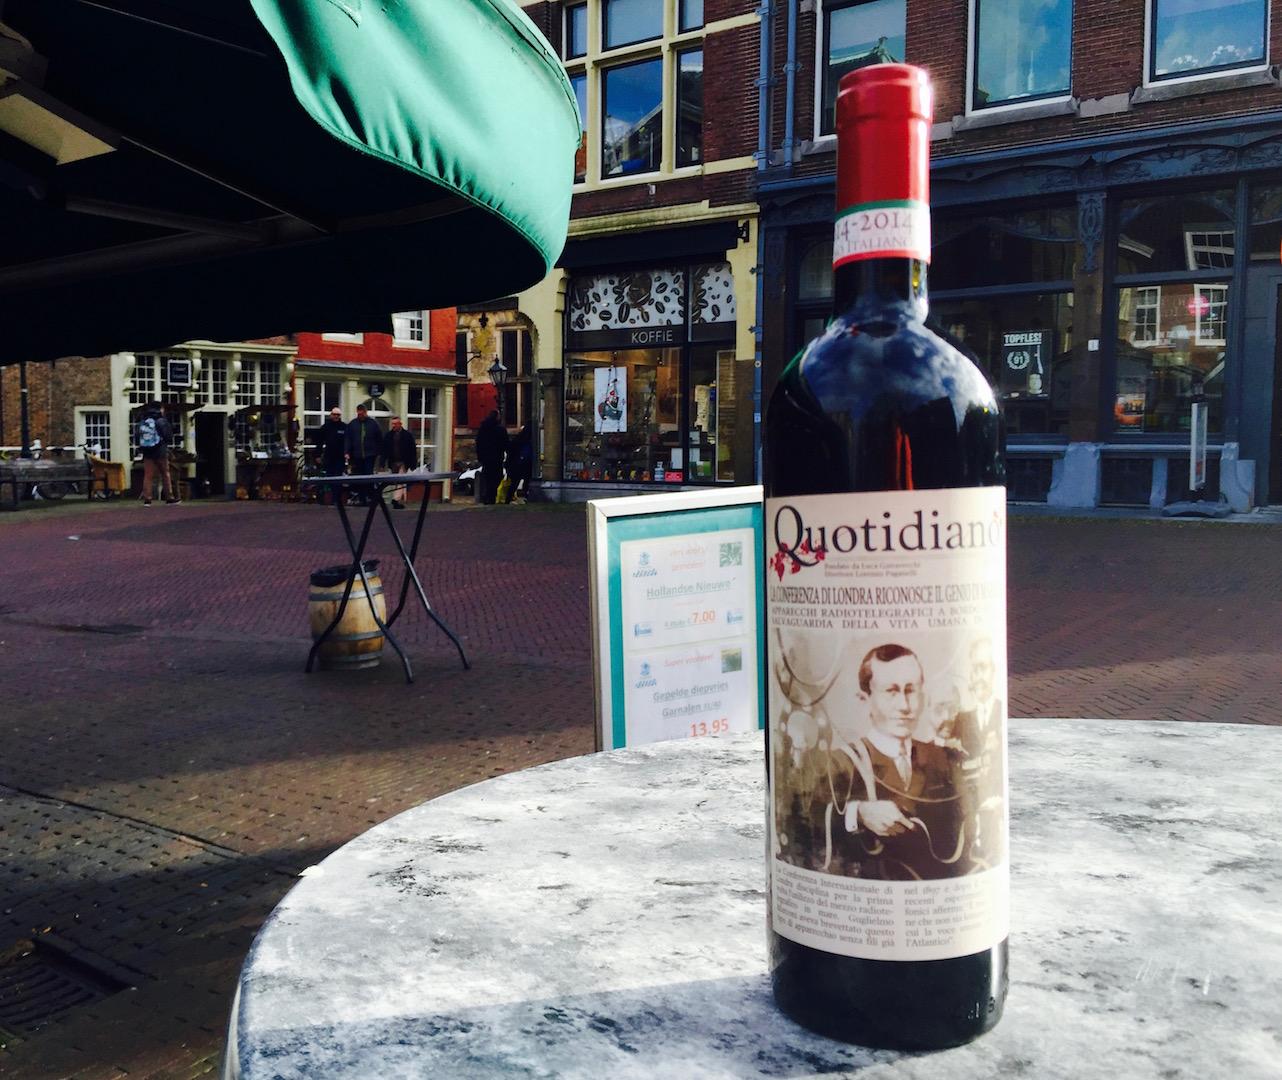 Quotidiano wijn Montepulciano Gattavecchi